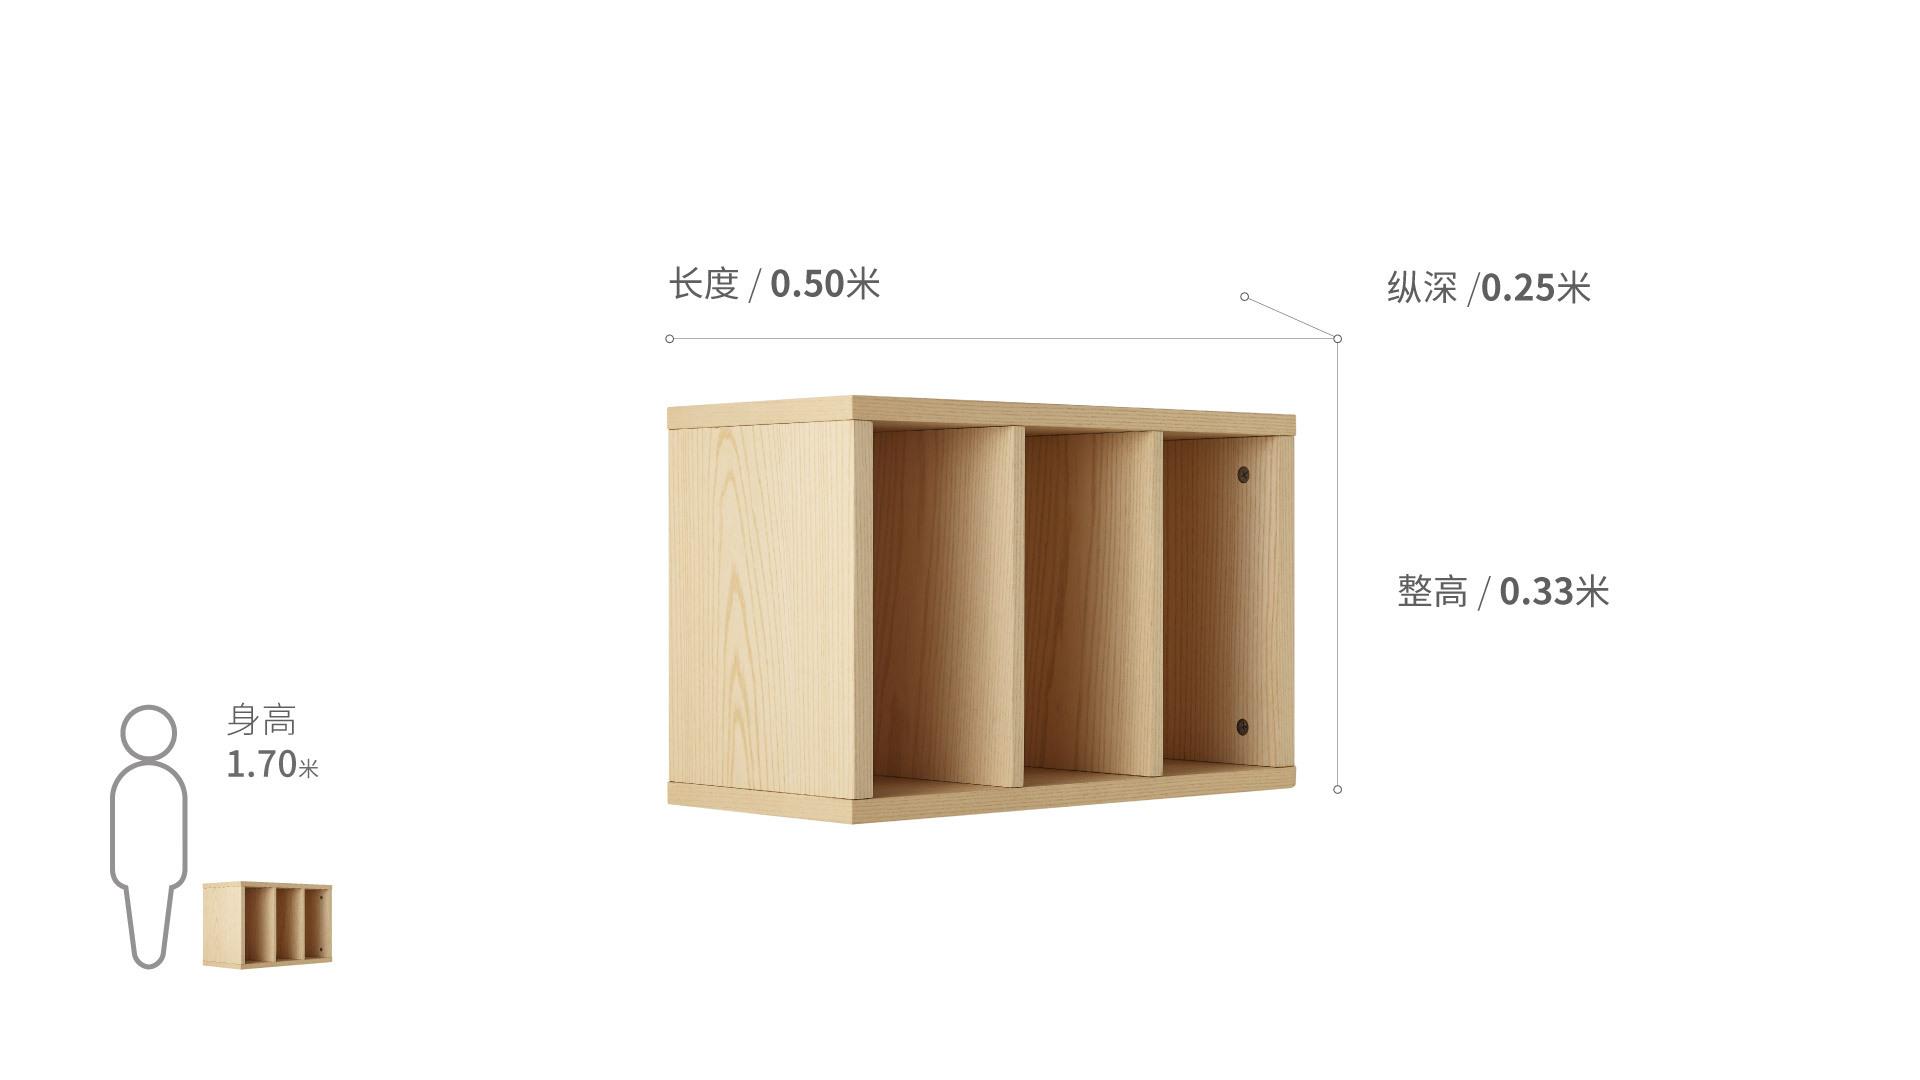 青山储物格隔板格柜架效果图